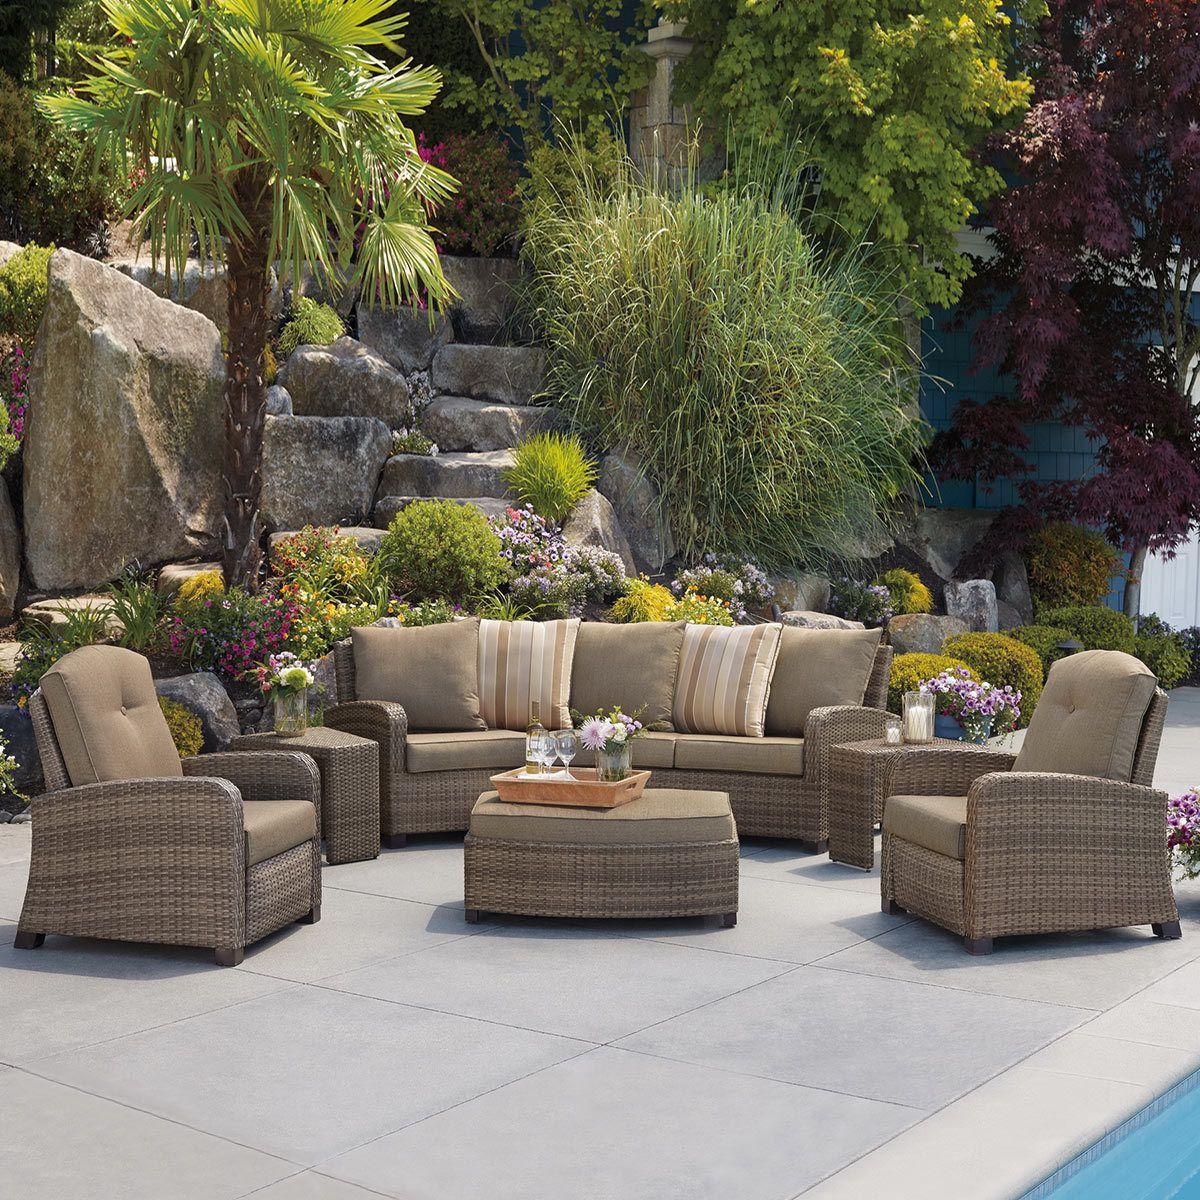 Barcalounger 6 Piece Fully Woven Recliner Seating Set Garden